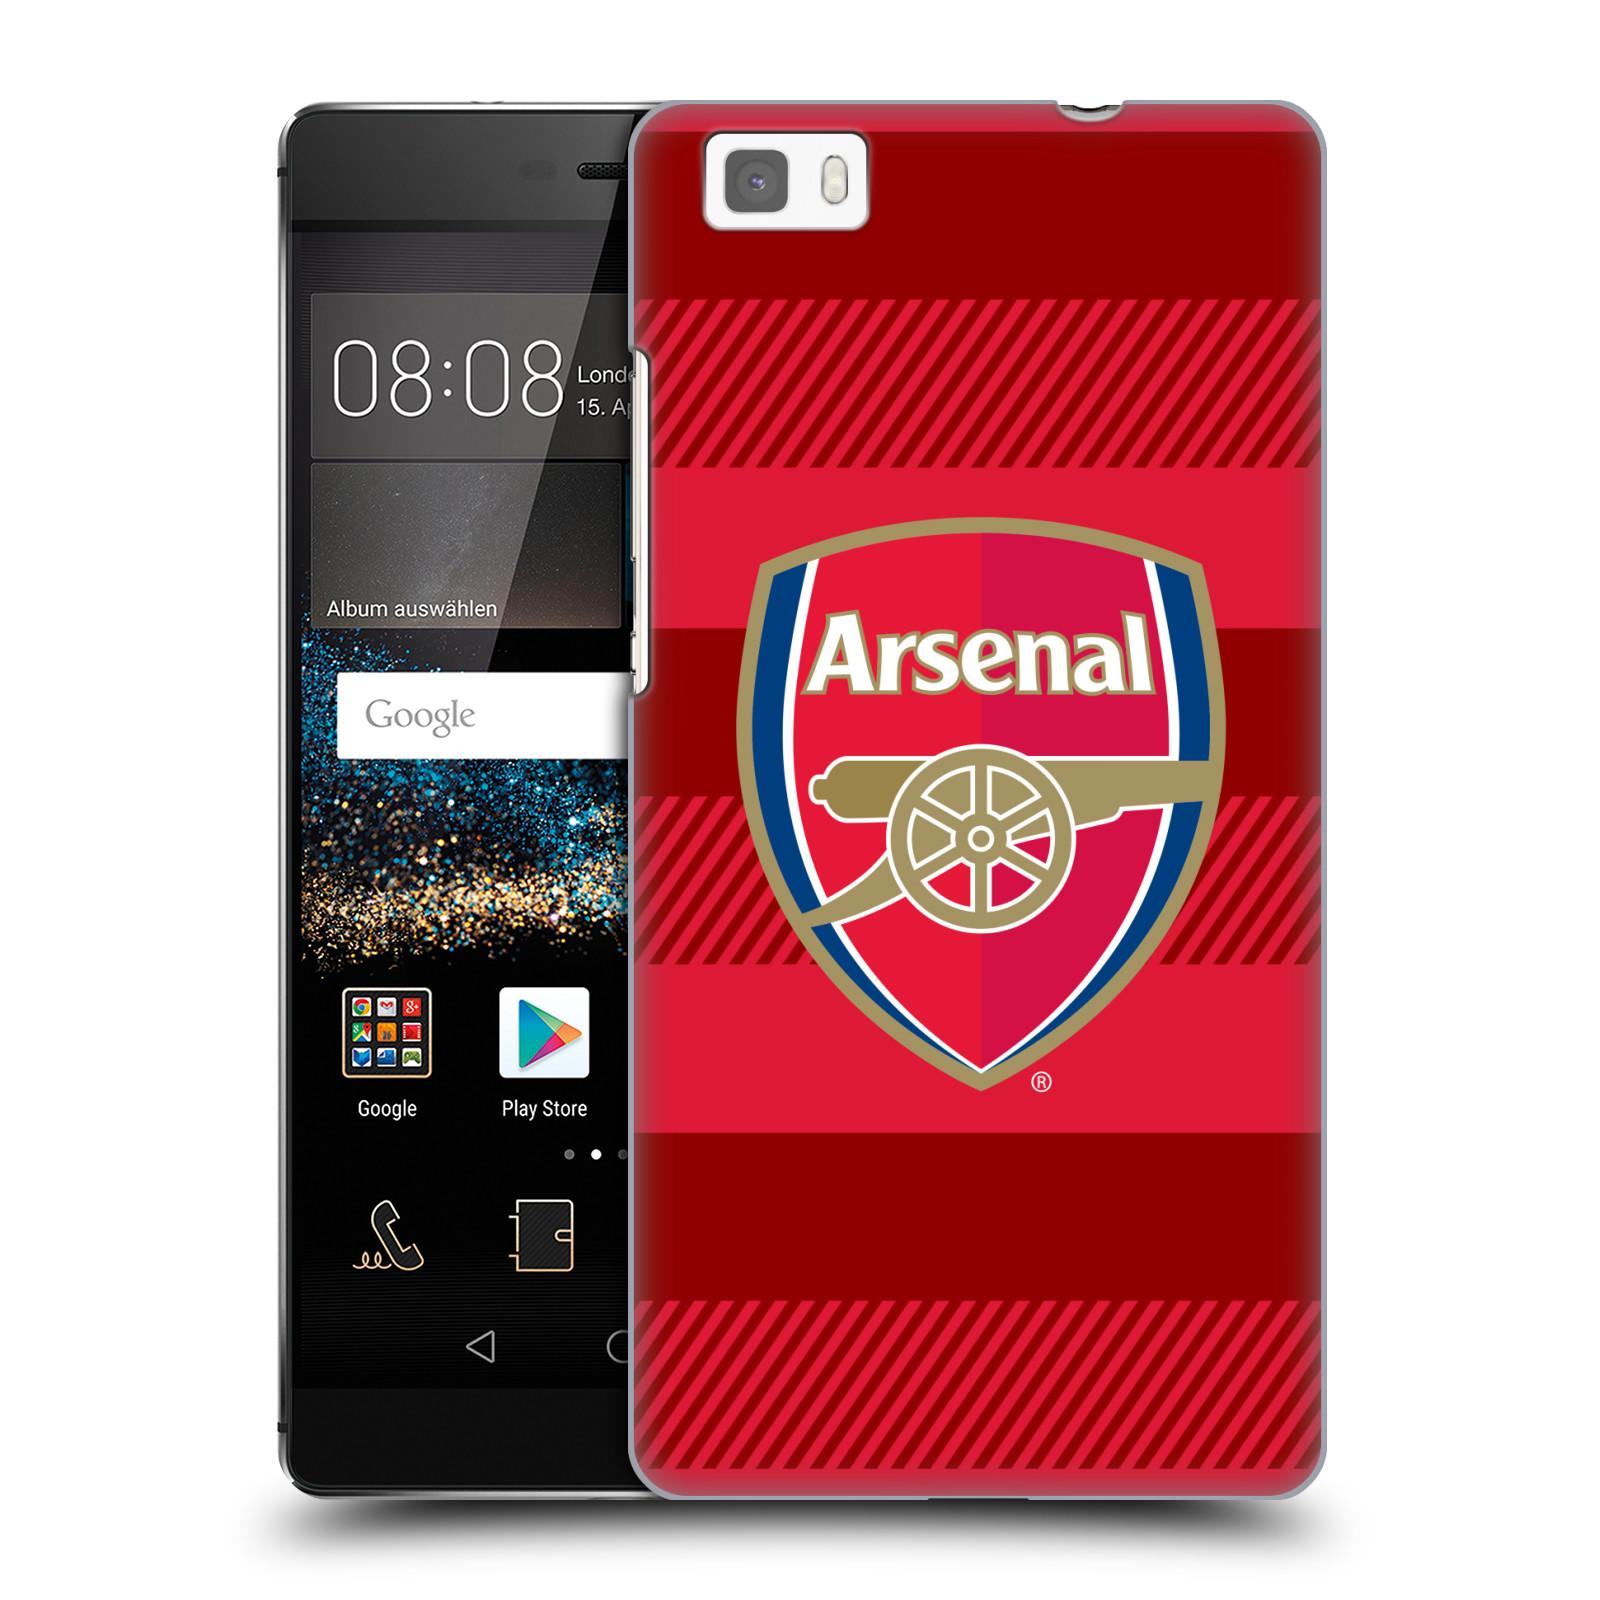 Plastové pouzdro na mobil Huawei P8 Lite - Head Case - Arsenal FC - Logo s pruhy